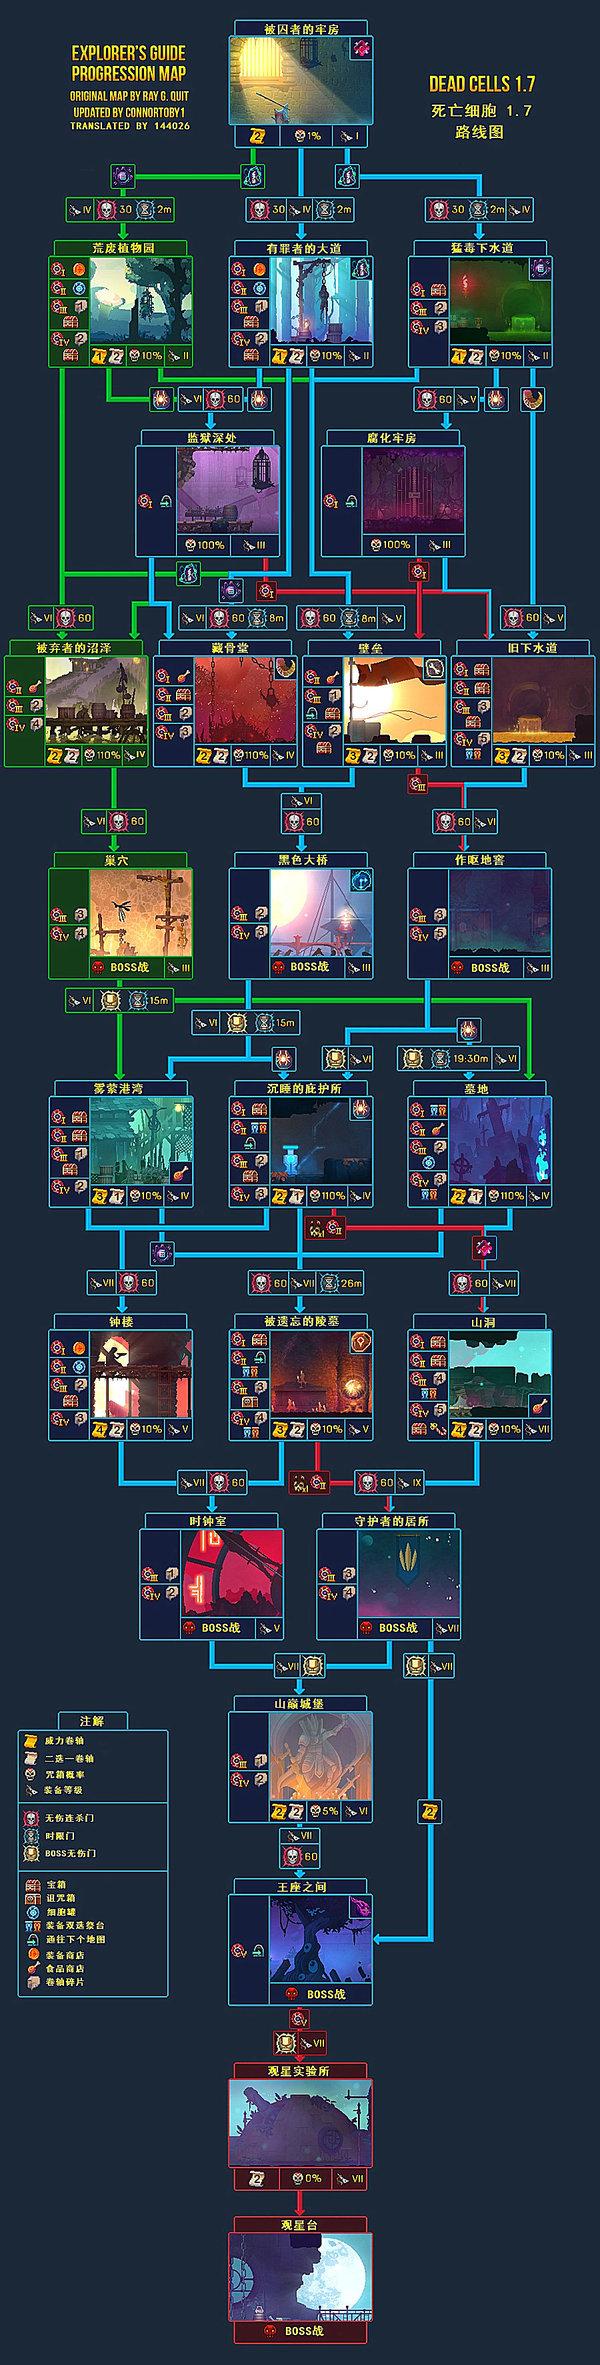 死亡细胞1.7破解版手机版(路线图)下载-死亡细胞1.7破解版版本更新内容(皮肤)下载